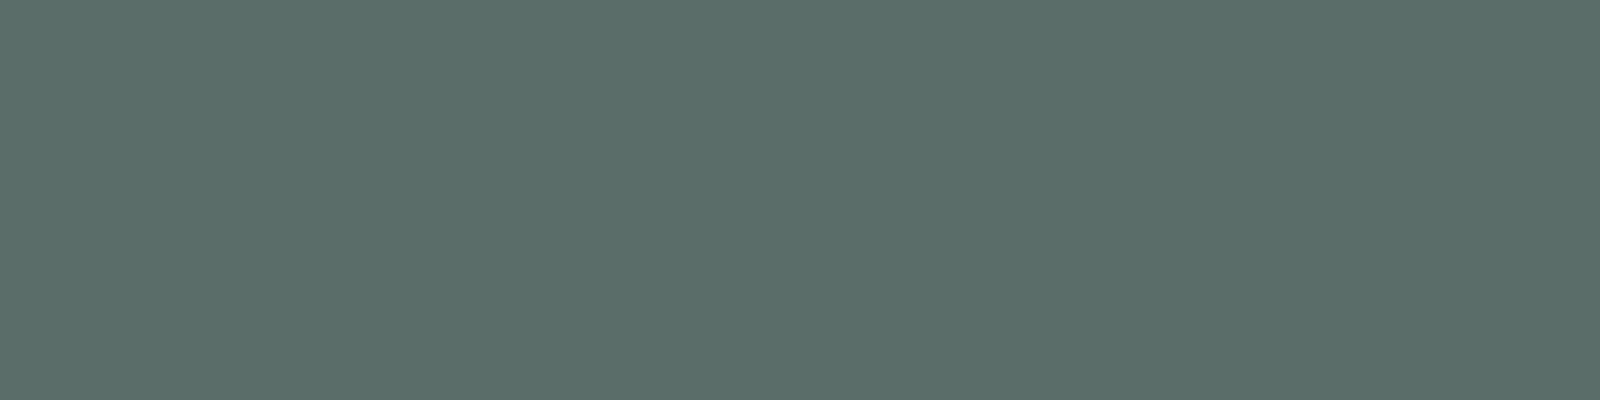 821 Ivy Green Gutter Color